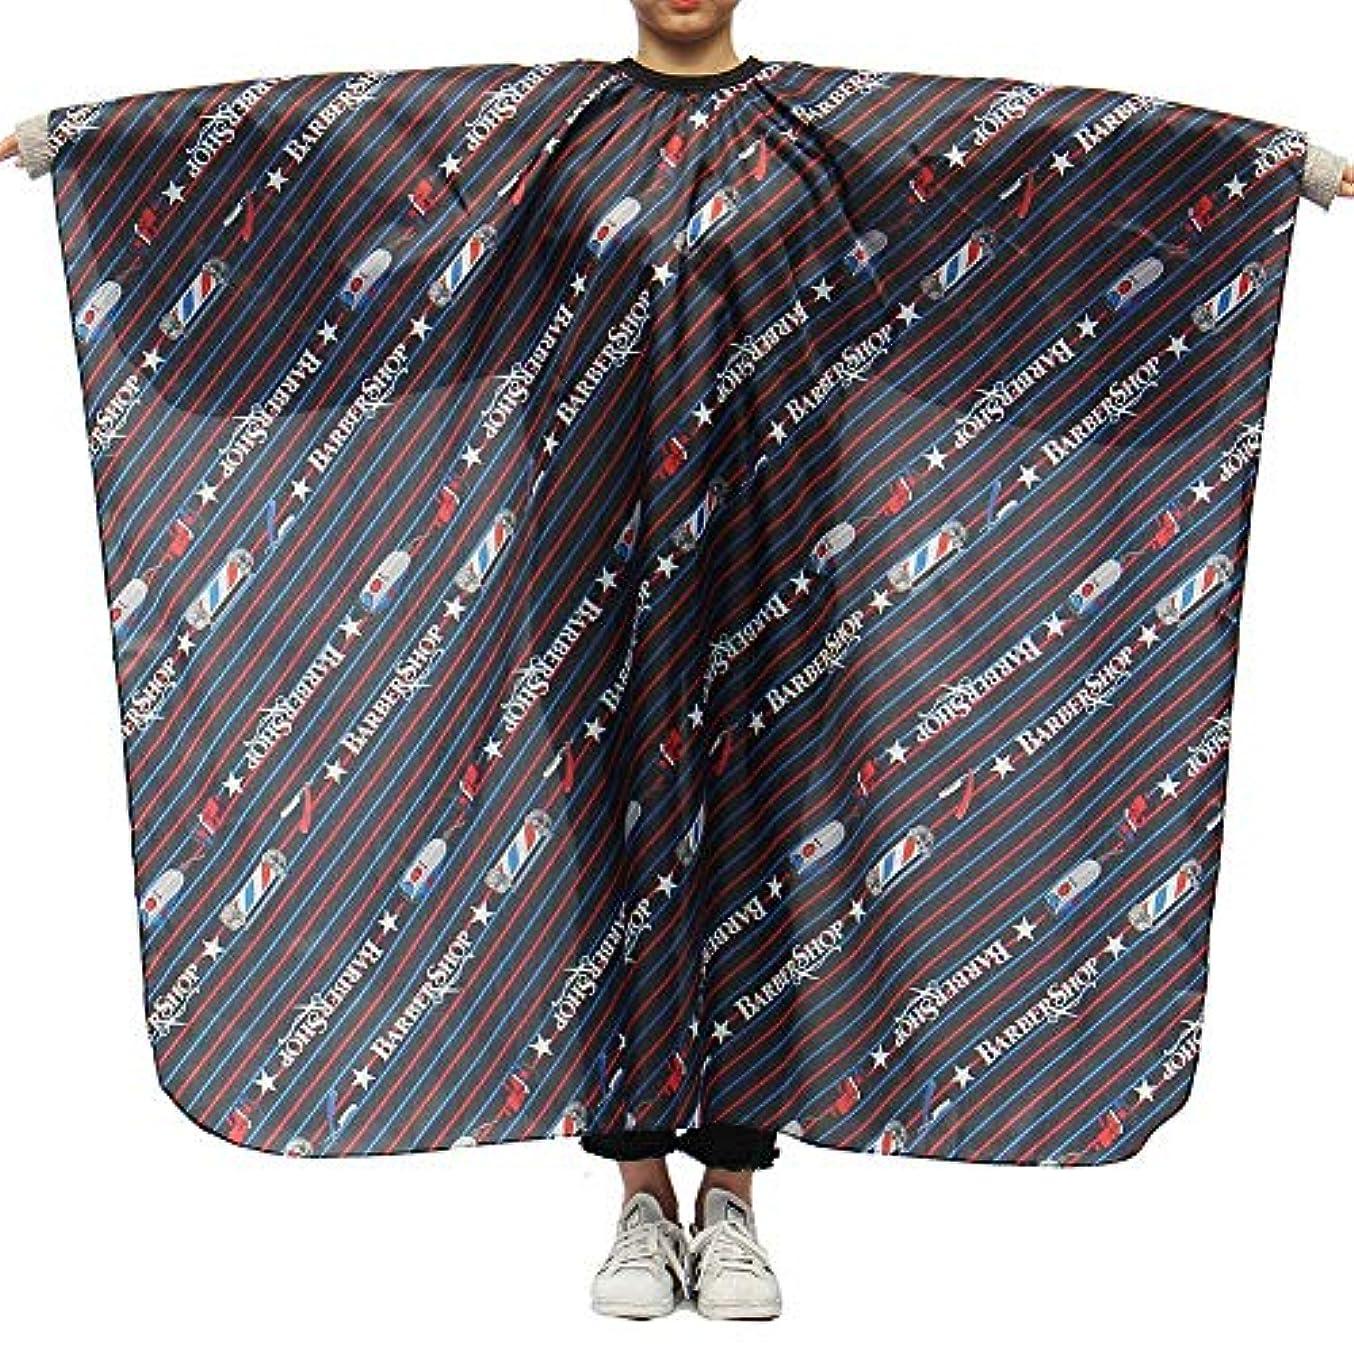 解読する震える床を掃除するBrill(ブリーオ)-ビューティー 理髪ケープ 理髪布 家庭用 店用 通気性 滑らか ポリエステル製